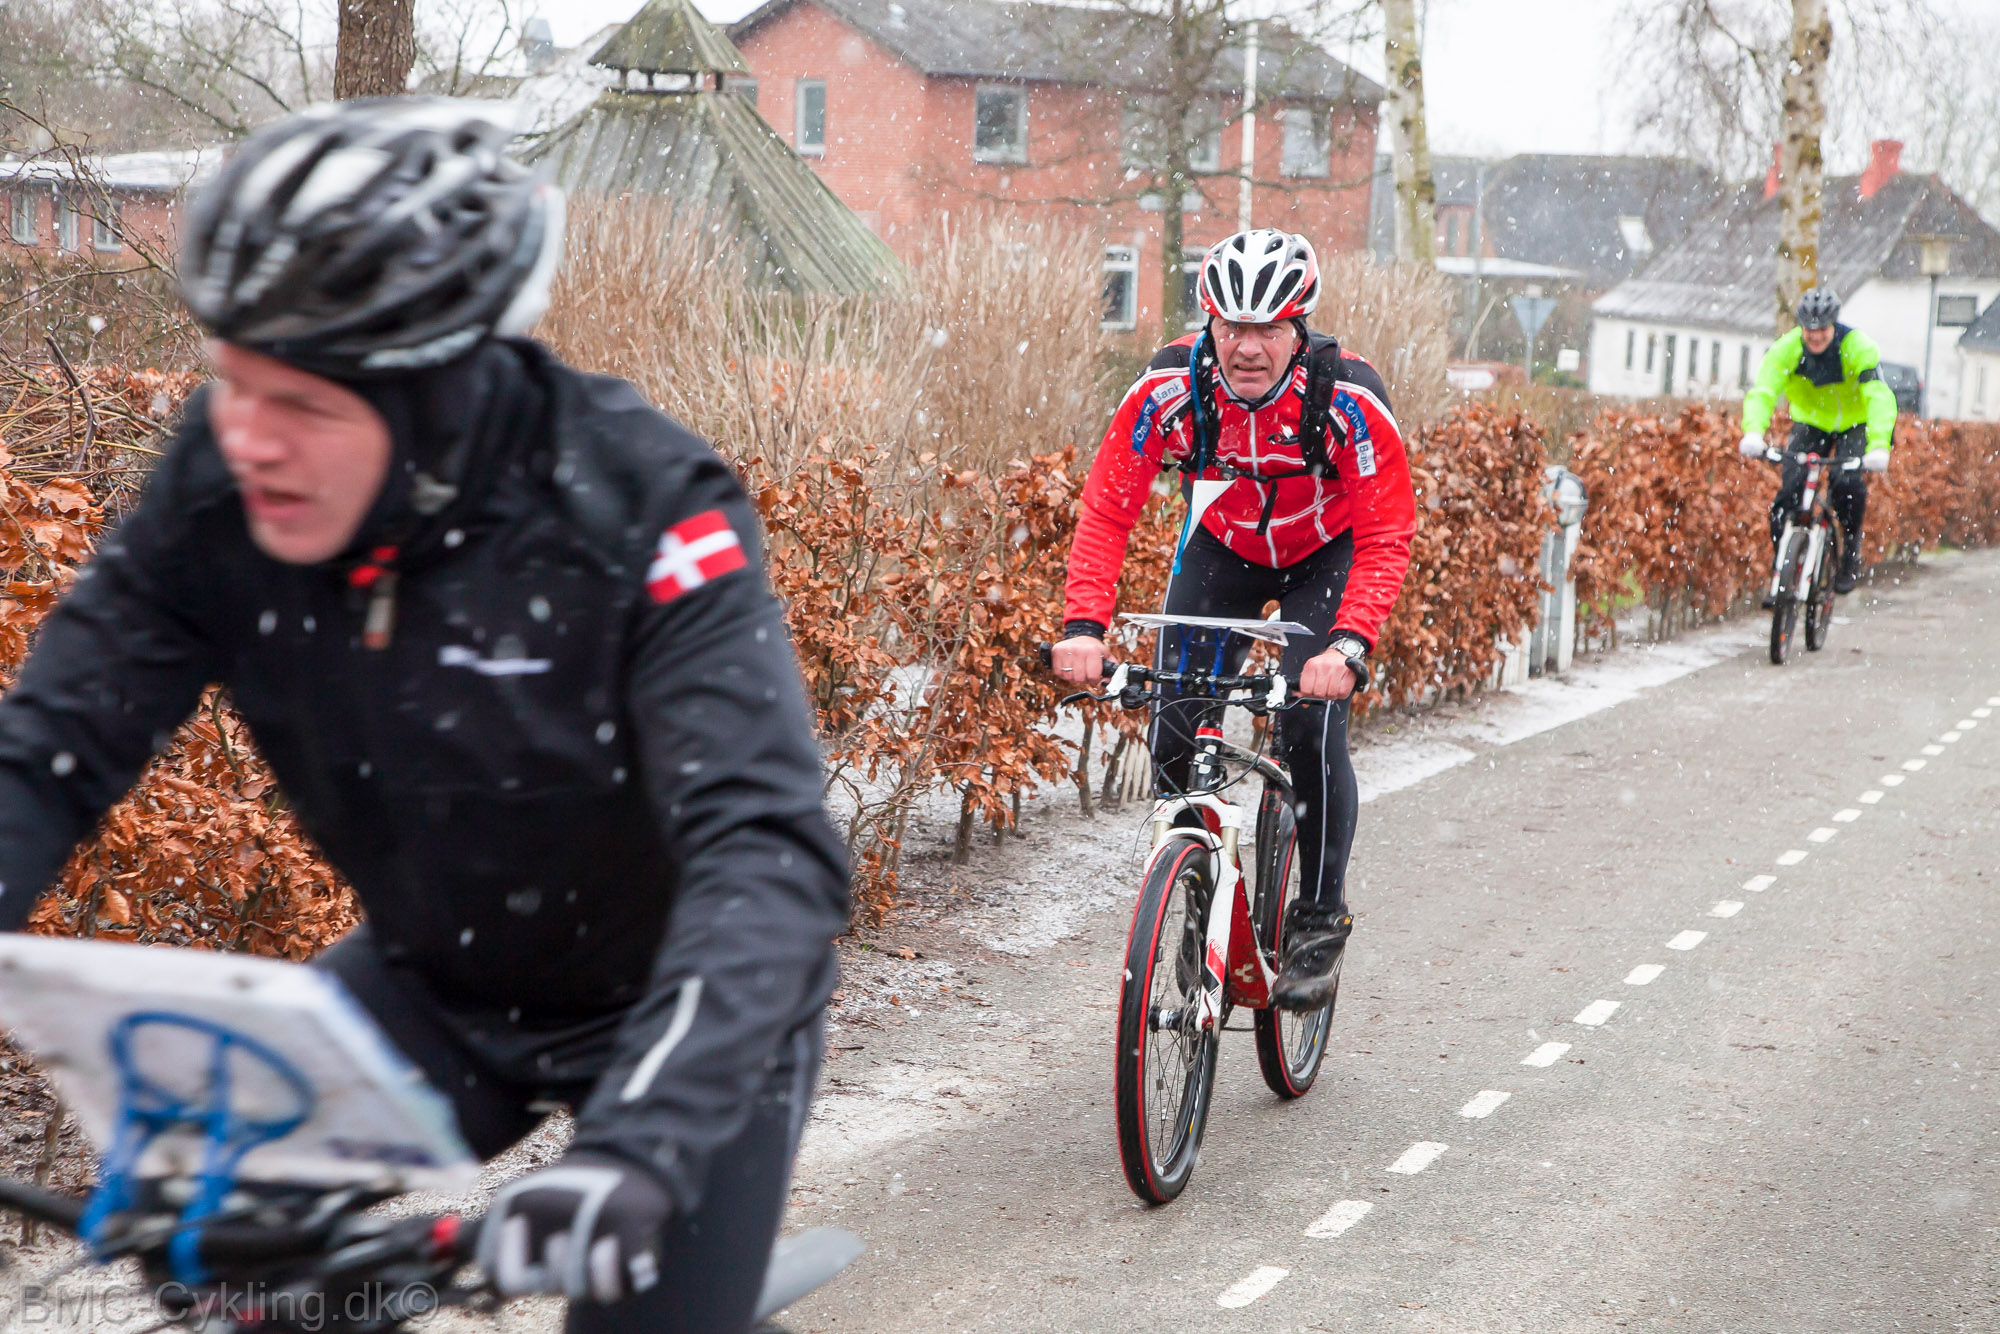 Vintercup 2015 Afd. 4 Stenderup-25.jpg